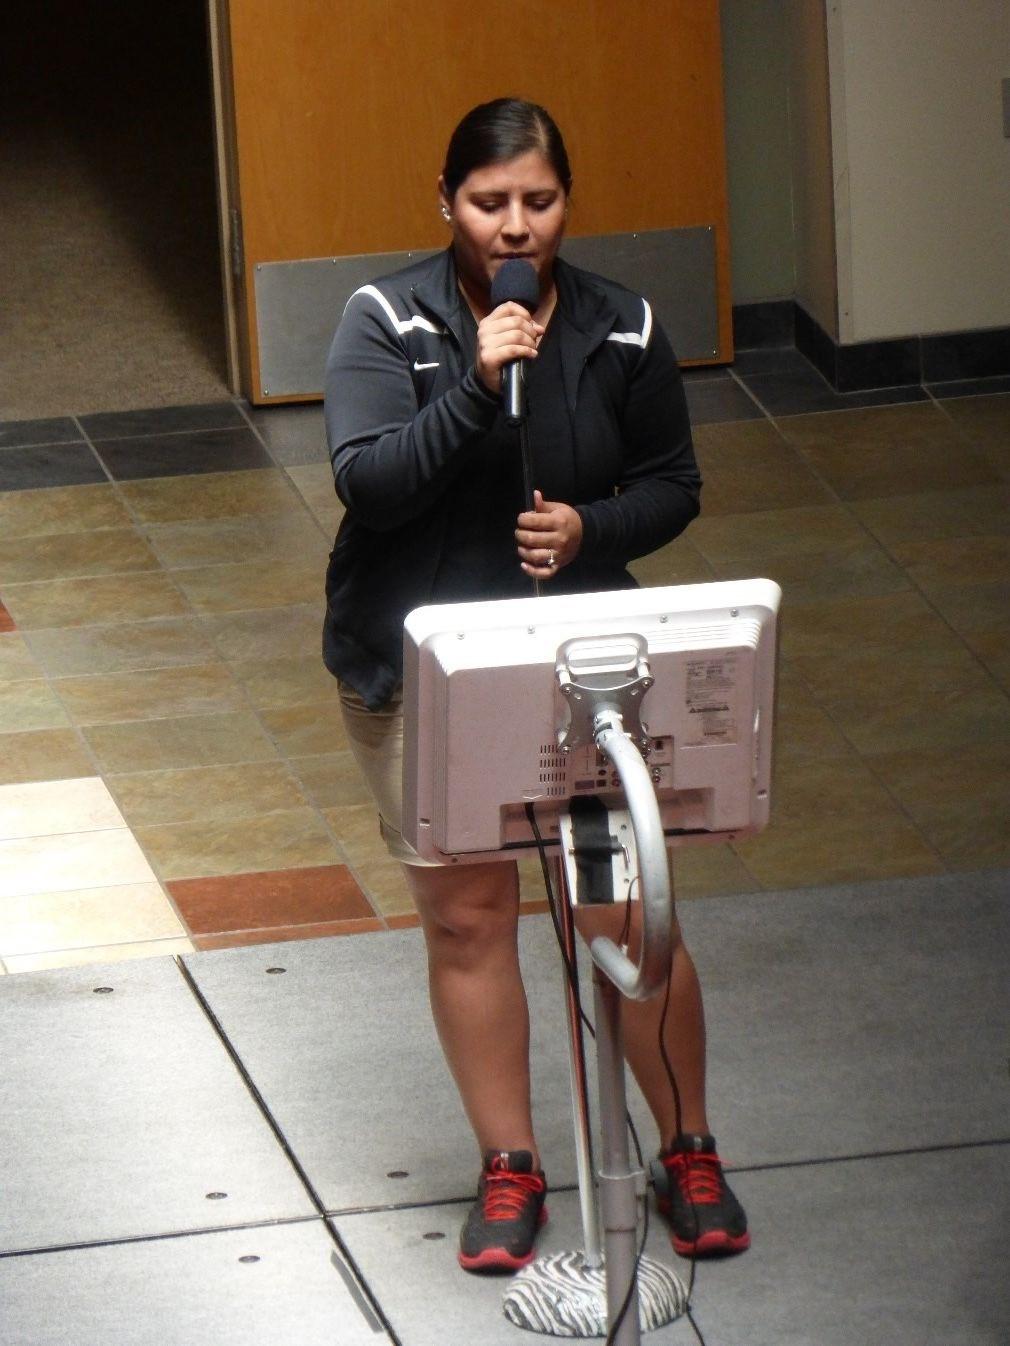 Speaker on Student Quad at UNM